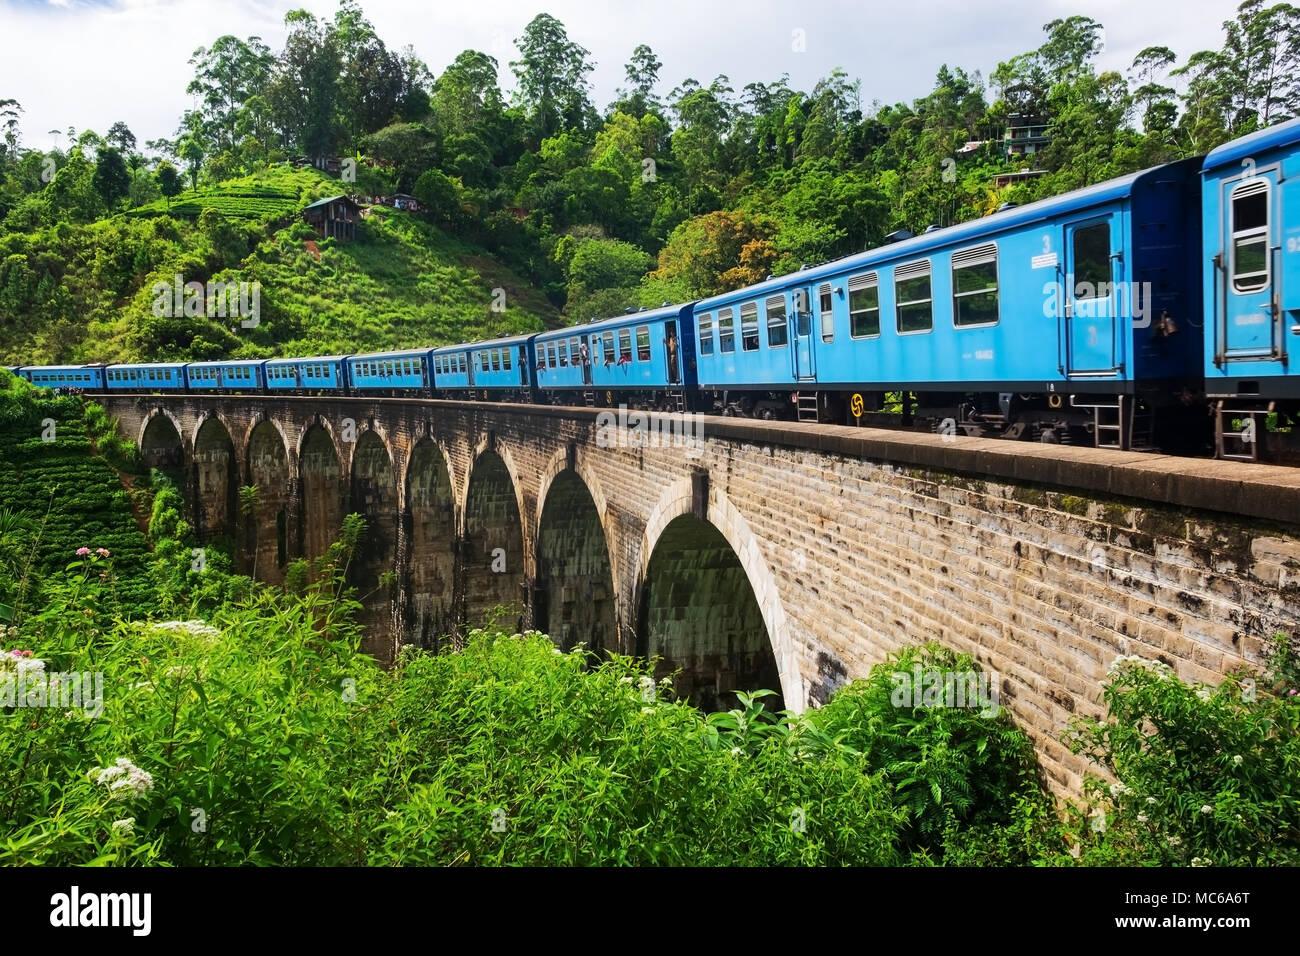 Ella Sri lanka, April 08 2018: train on the Nine Arch Bridge in Ella - Stock Image